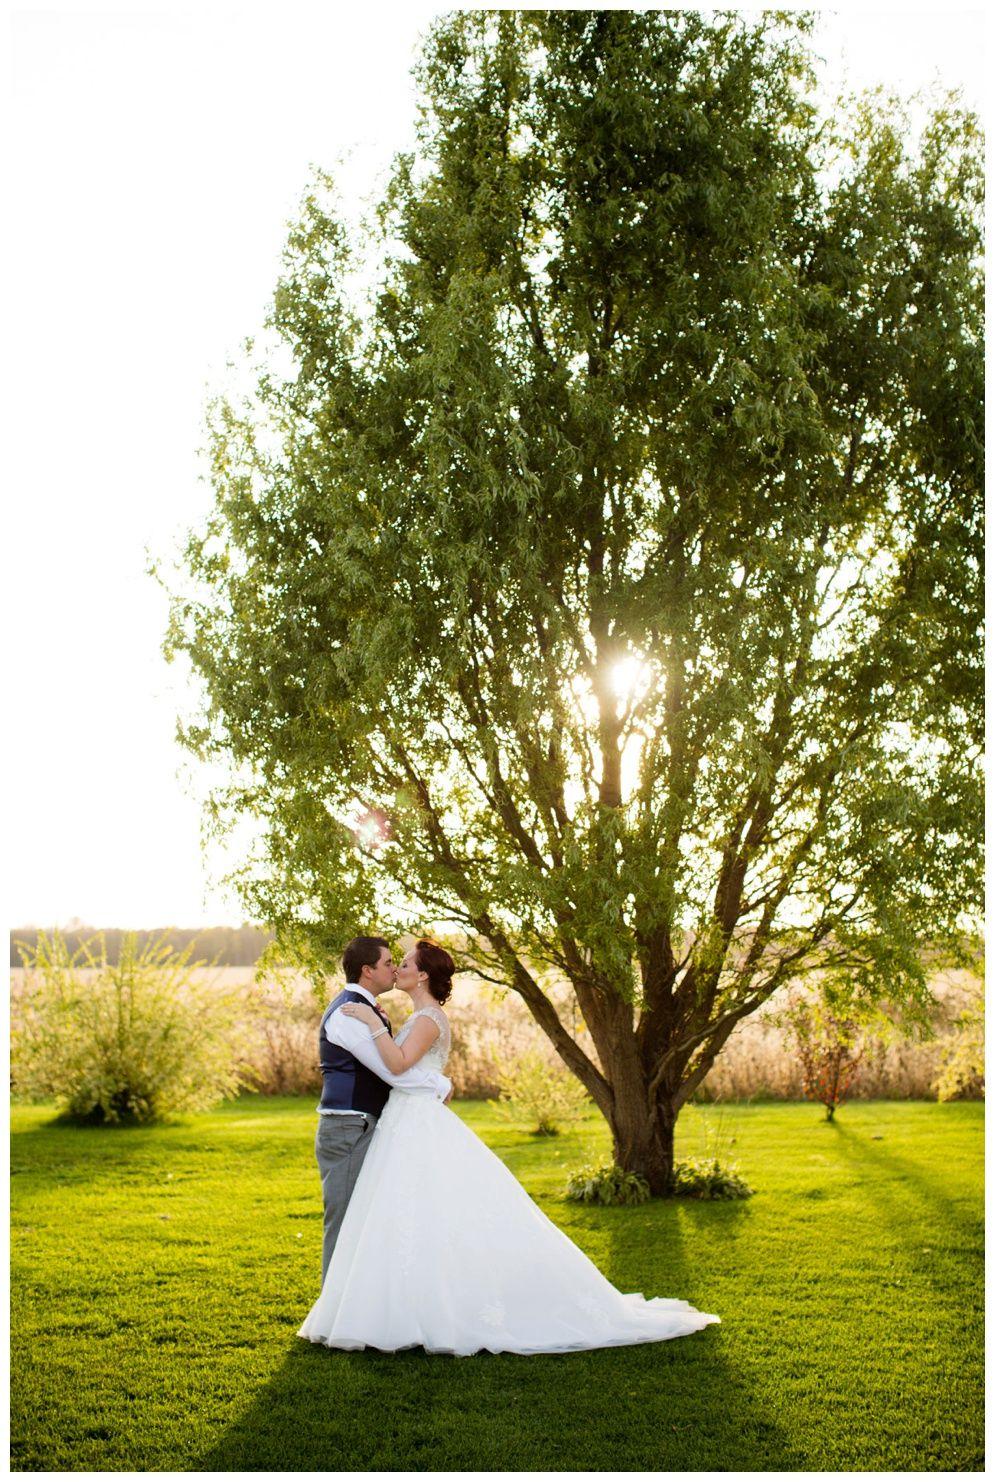 Ben + Lizzie: Bennett Barn Wedding - Watertown, WI   Barn ...